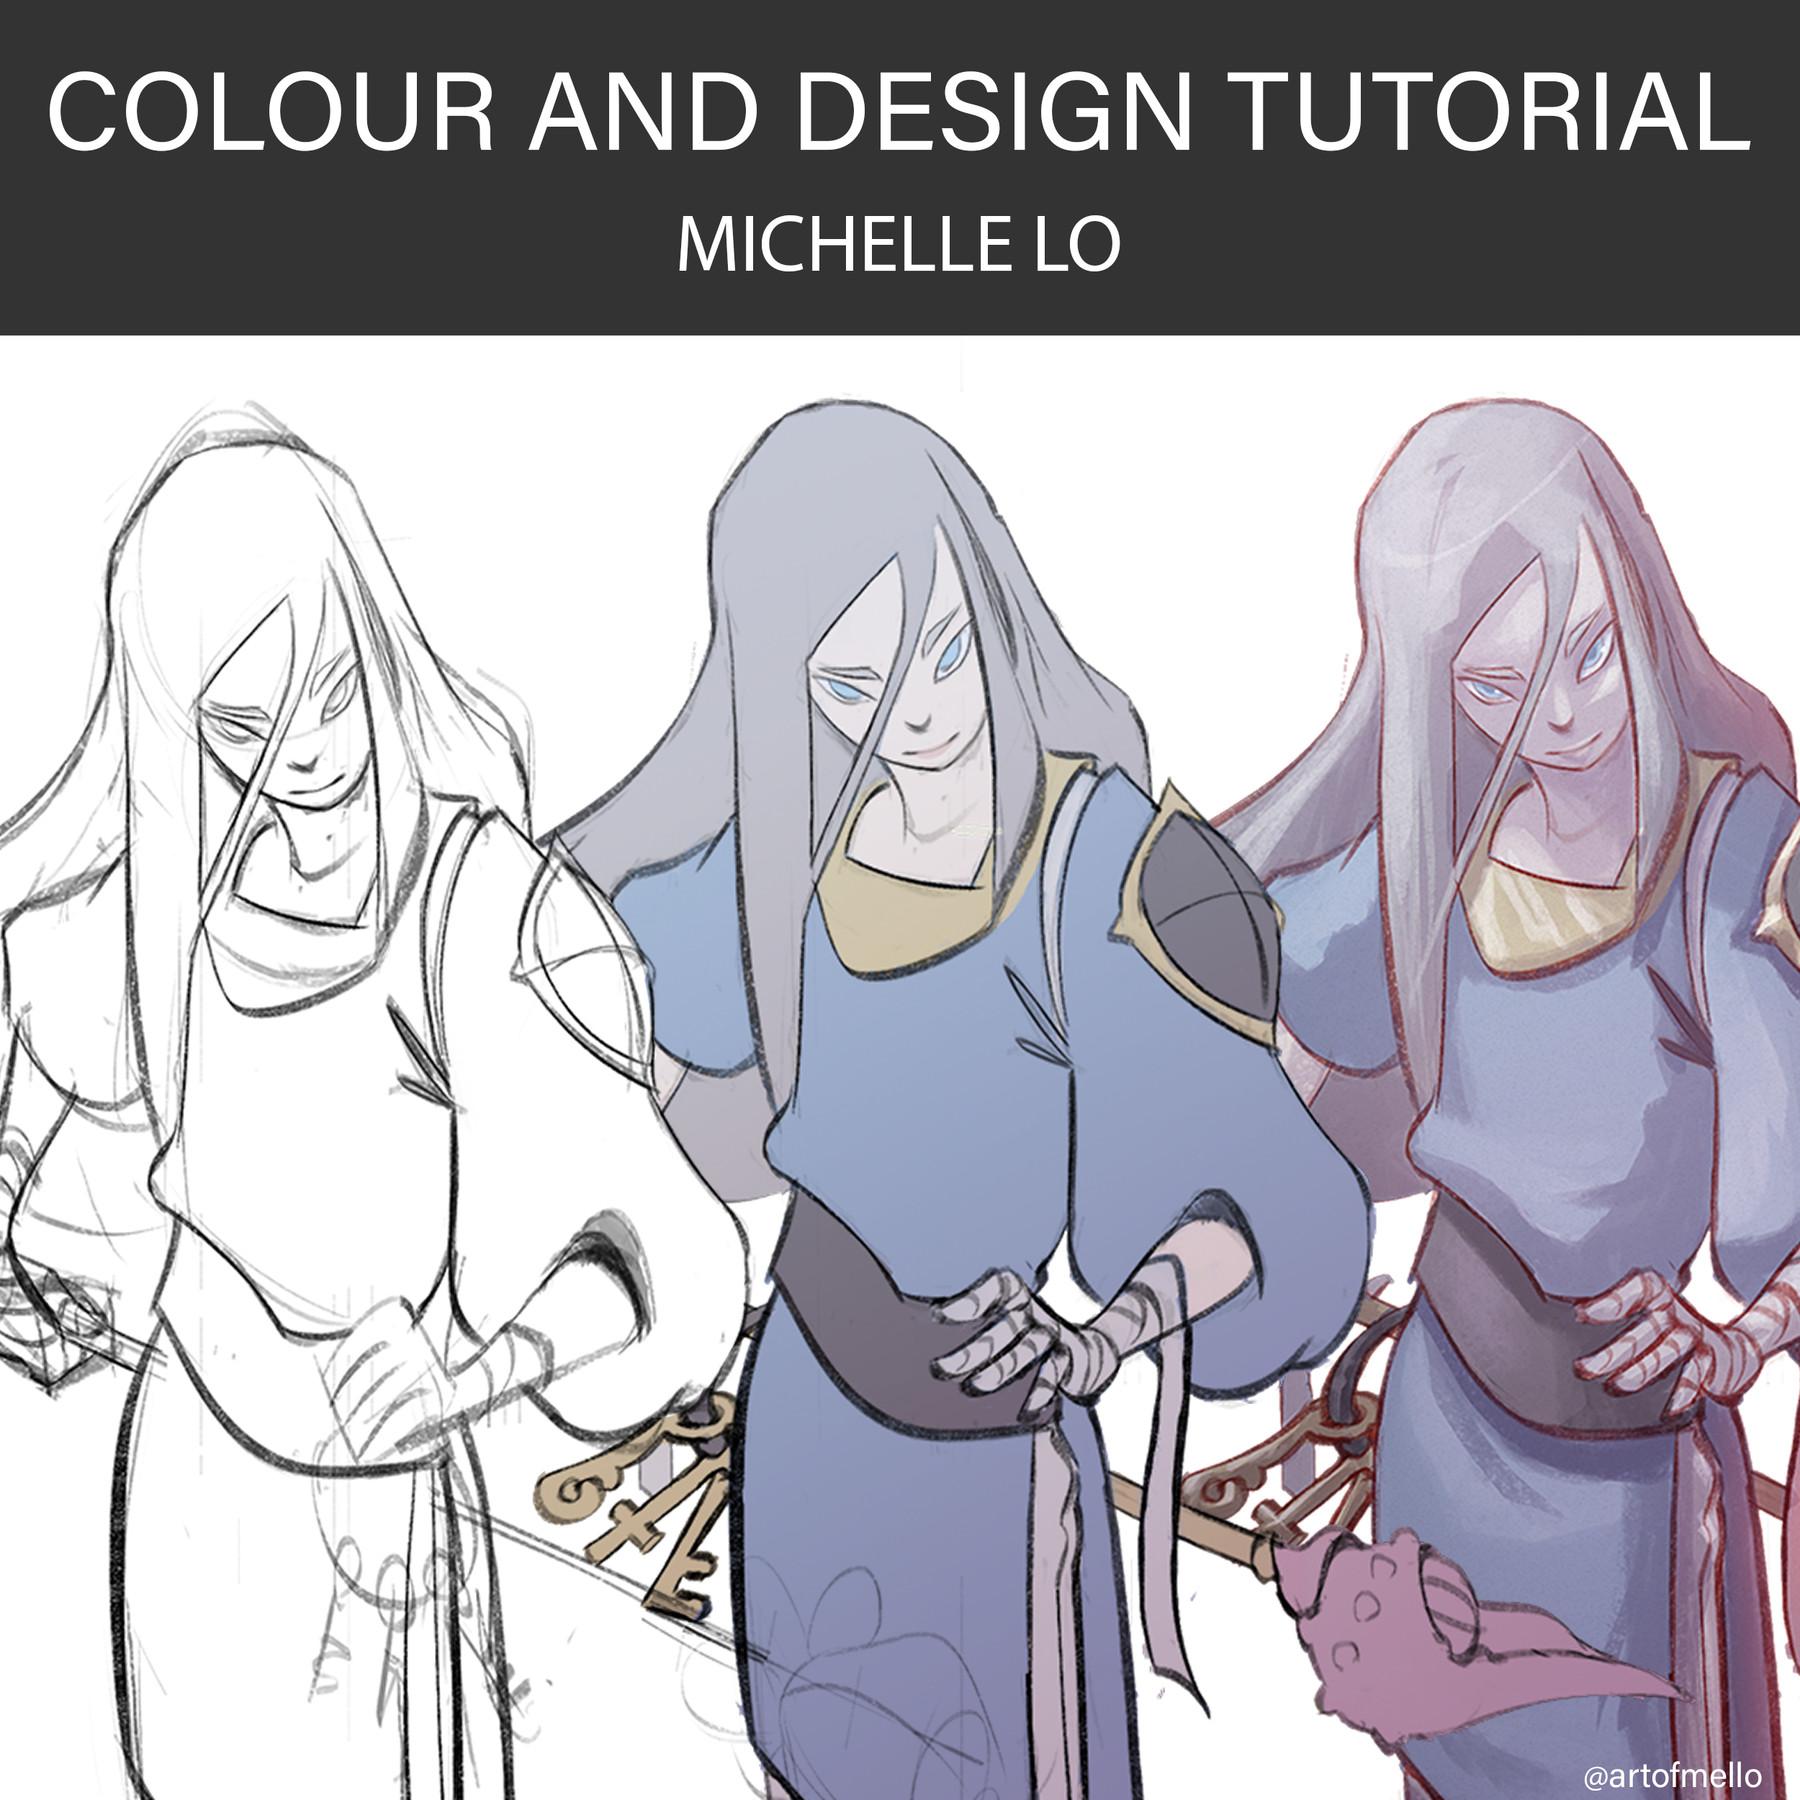 Tutorial colourdesign cover